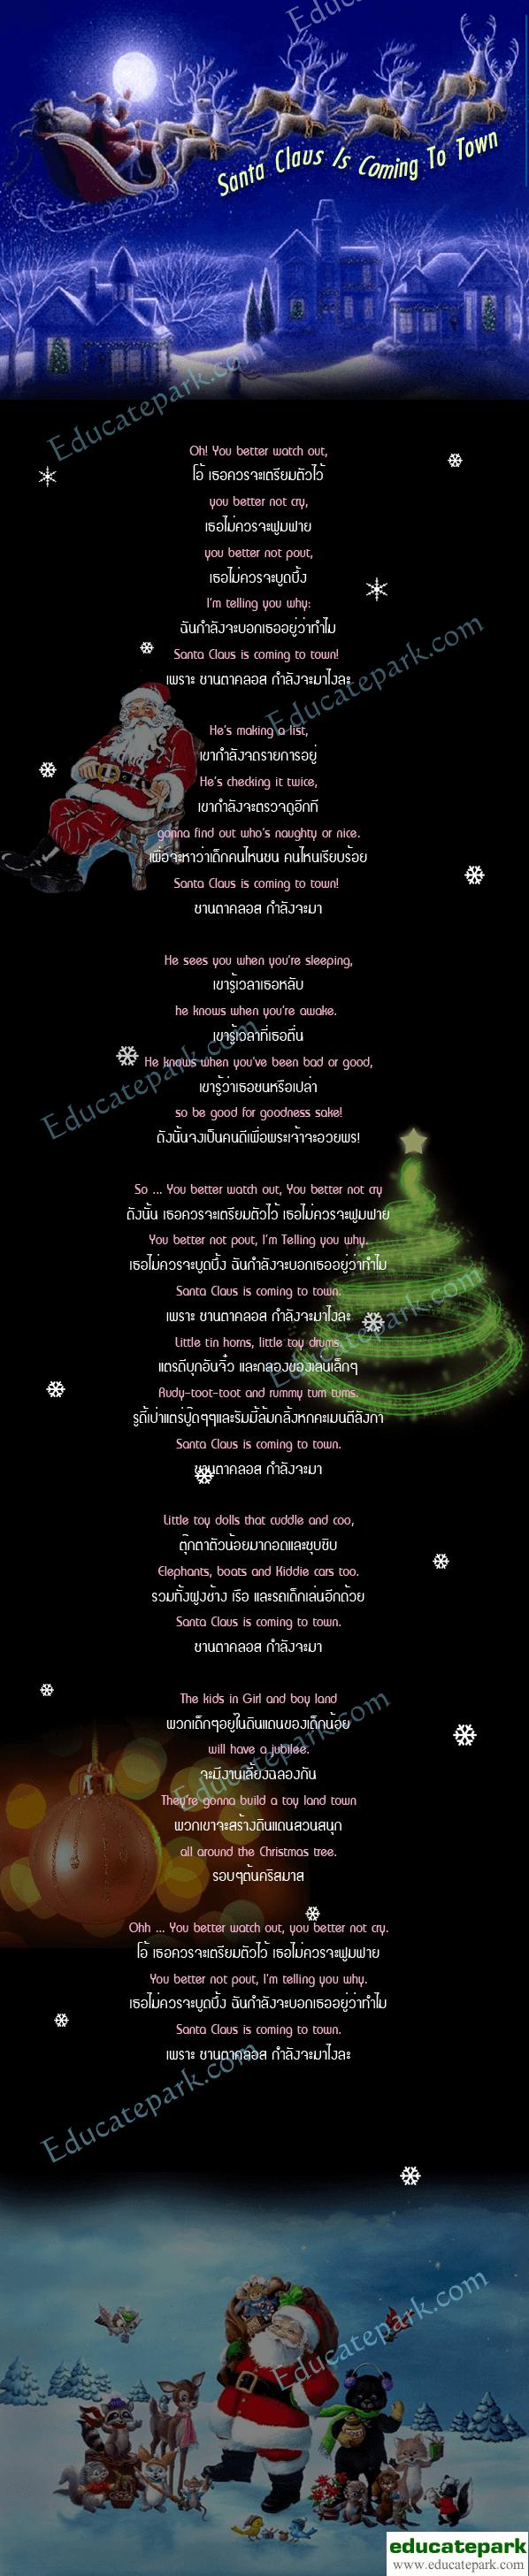 แปลเพลง Santa Claus is Coming to Town